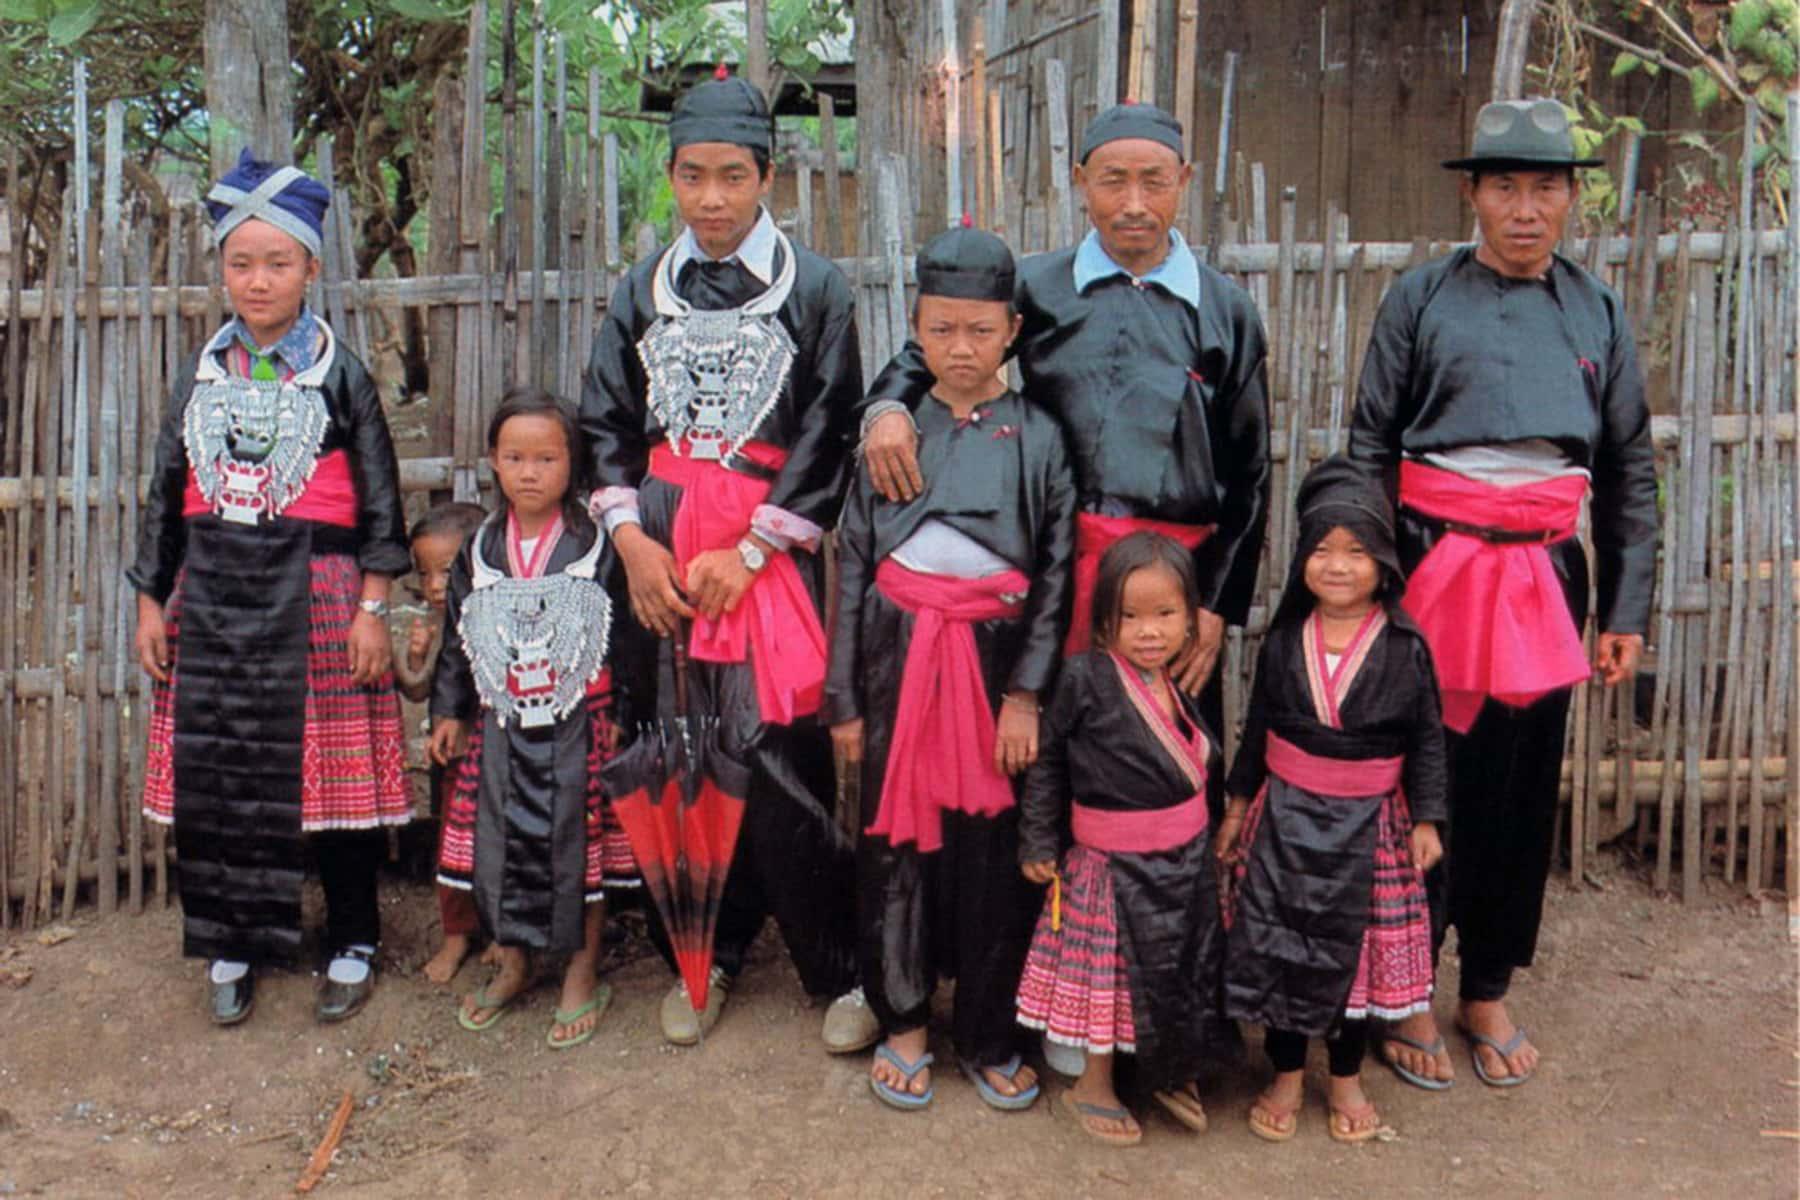 Người tị nạn Hmong và Lào tại Hoa Kỳ đối mặt với việc bị trục xuất cùng gia đình